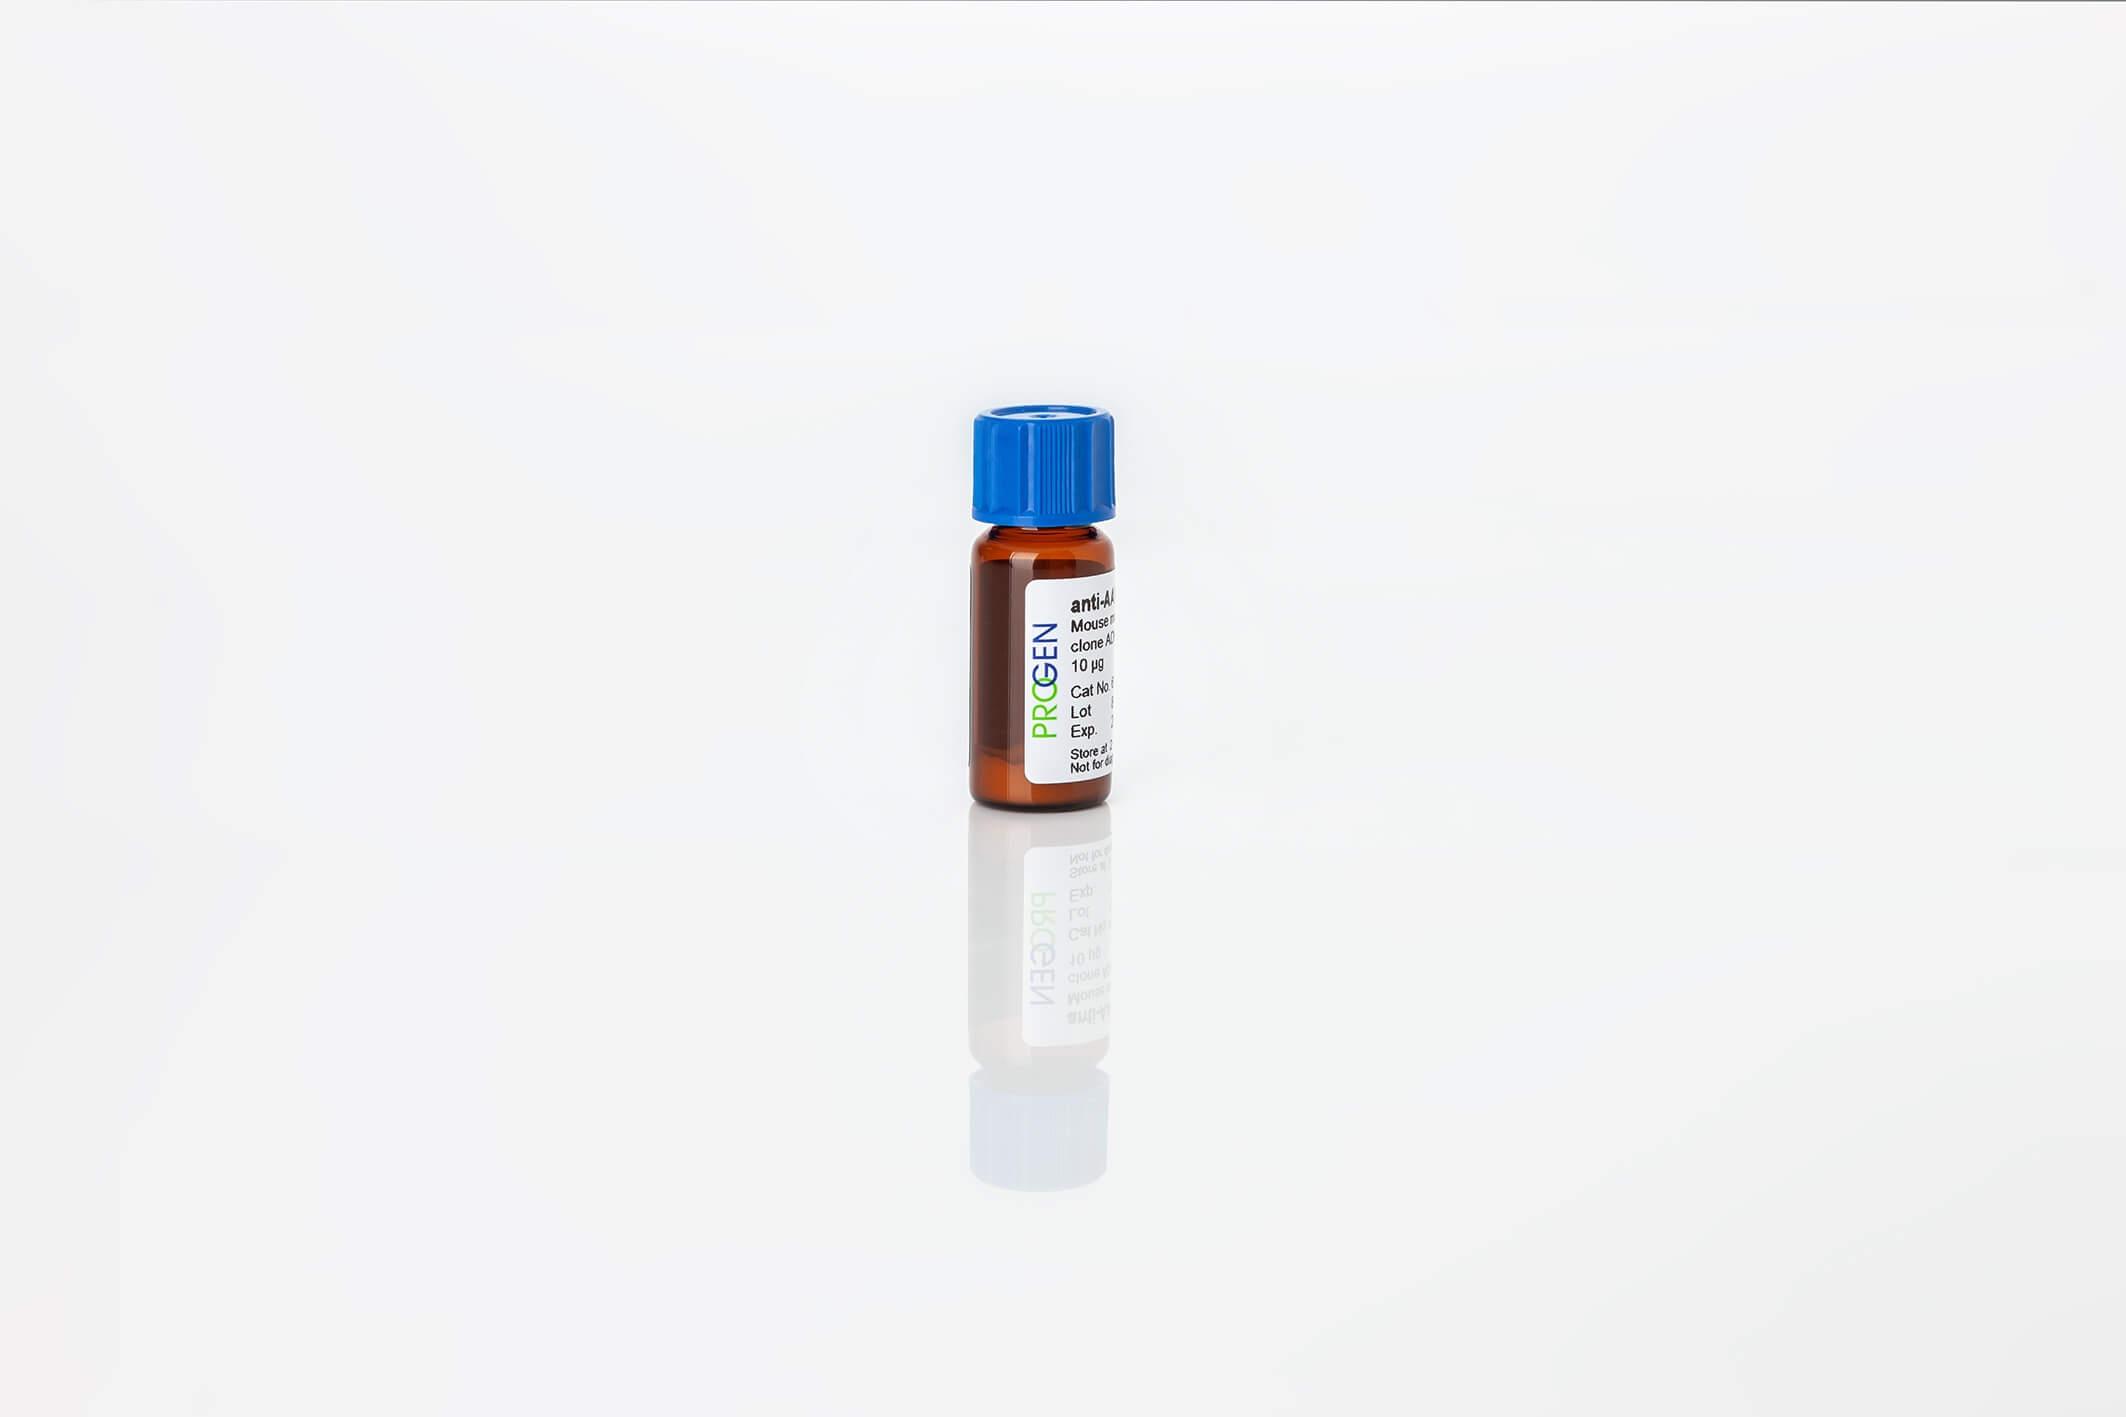 anti-Cadherin 6 mouse monoclonal, 2B6, supernatant